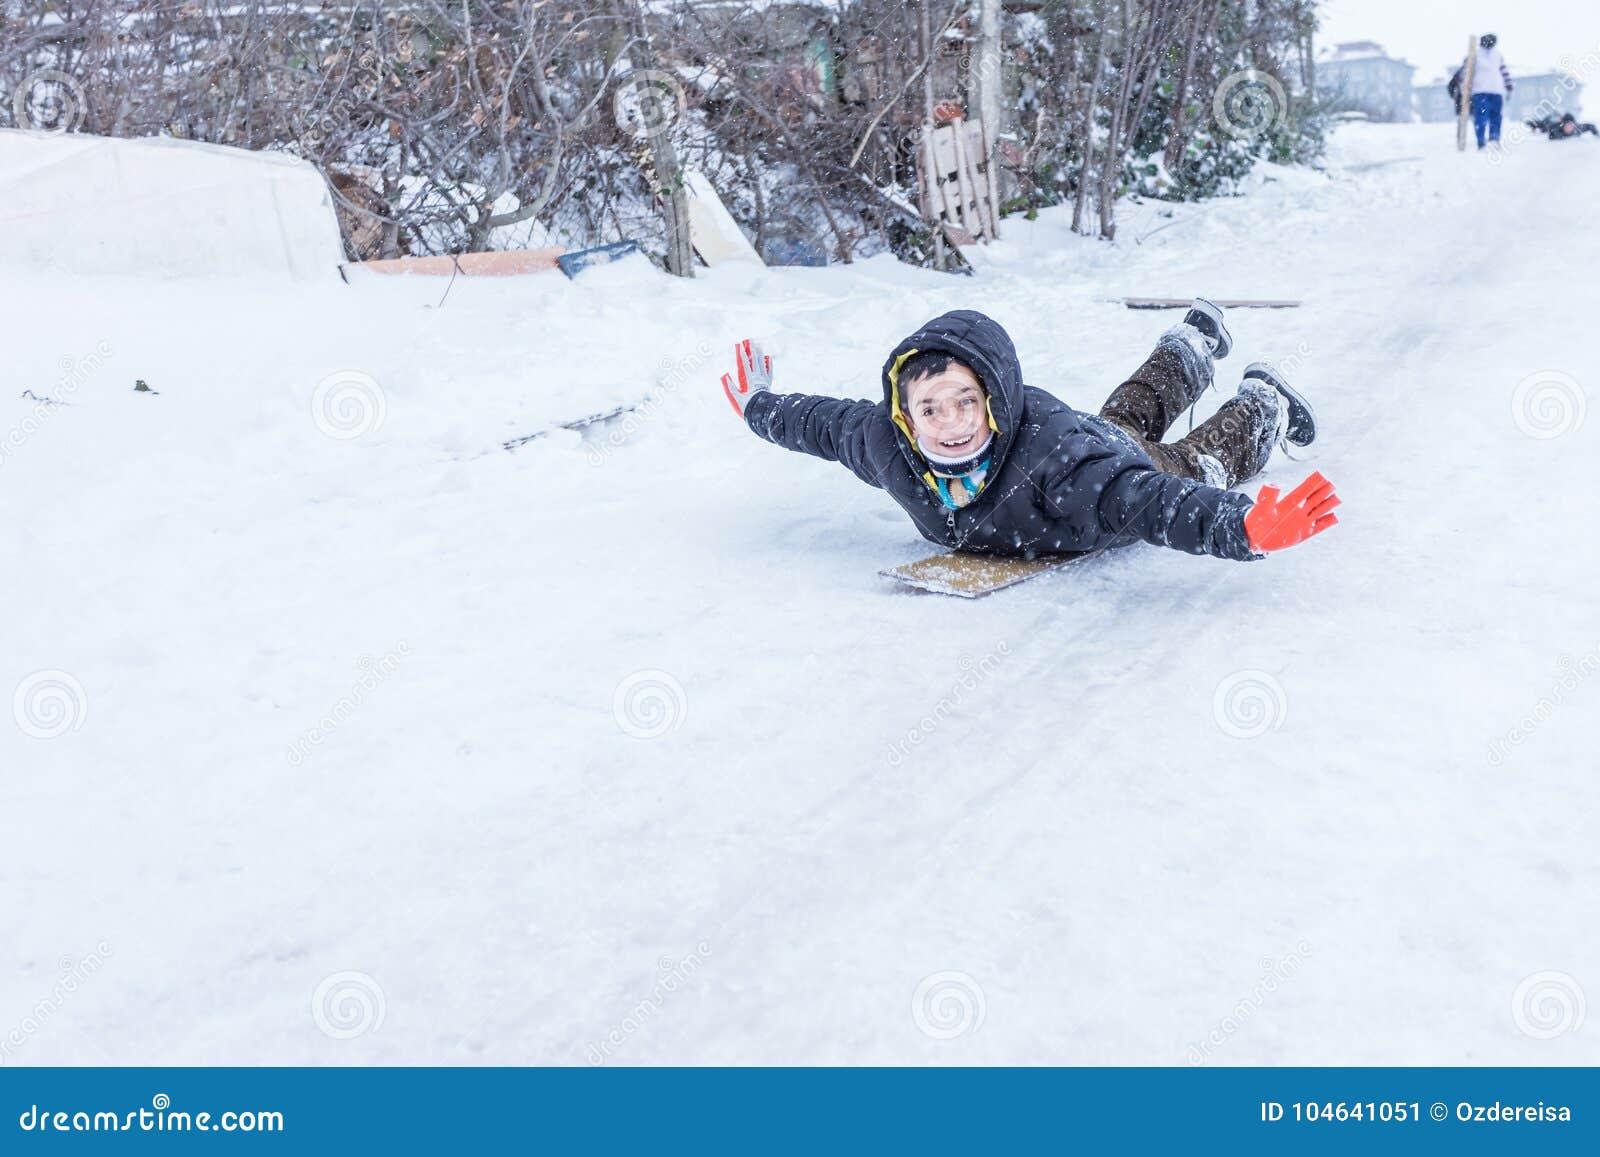 Download De Kinderen Glijden Op Sneeuw In Oude Schoolstijl Met Hardhout Redactionele Foto - Afbeelding bestaande uit slee, koude: 104641051